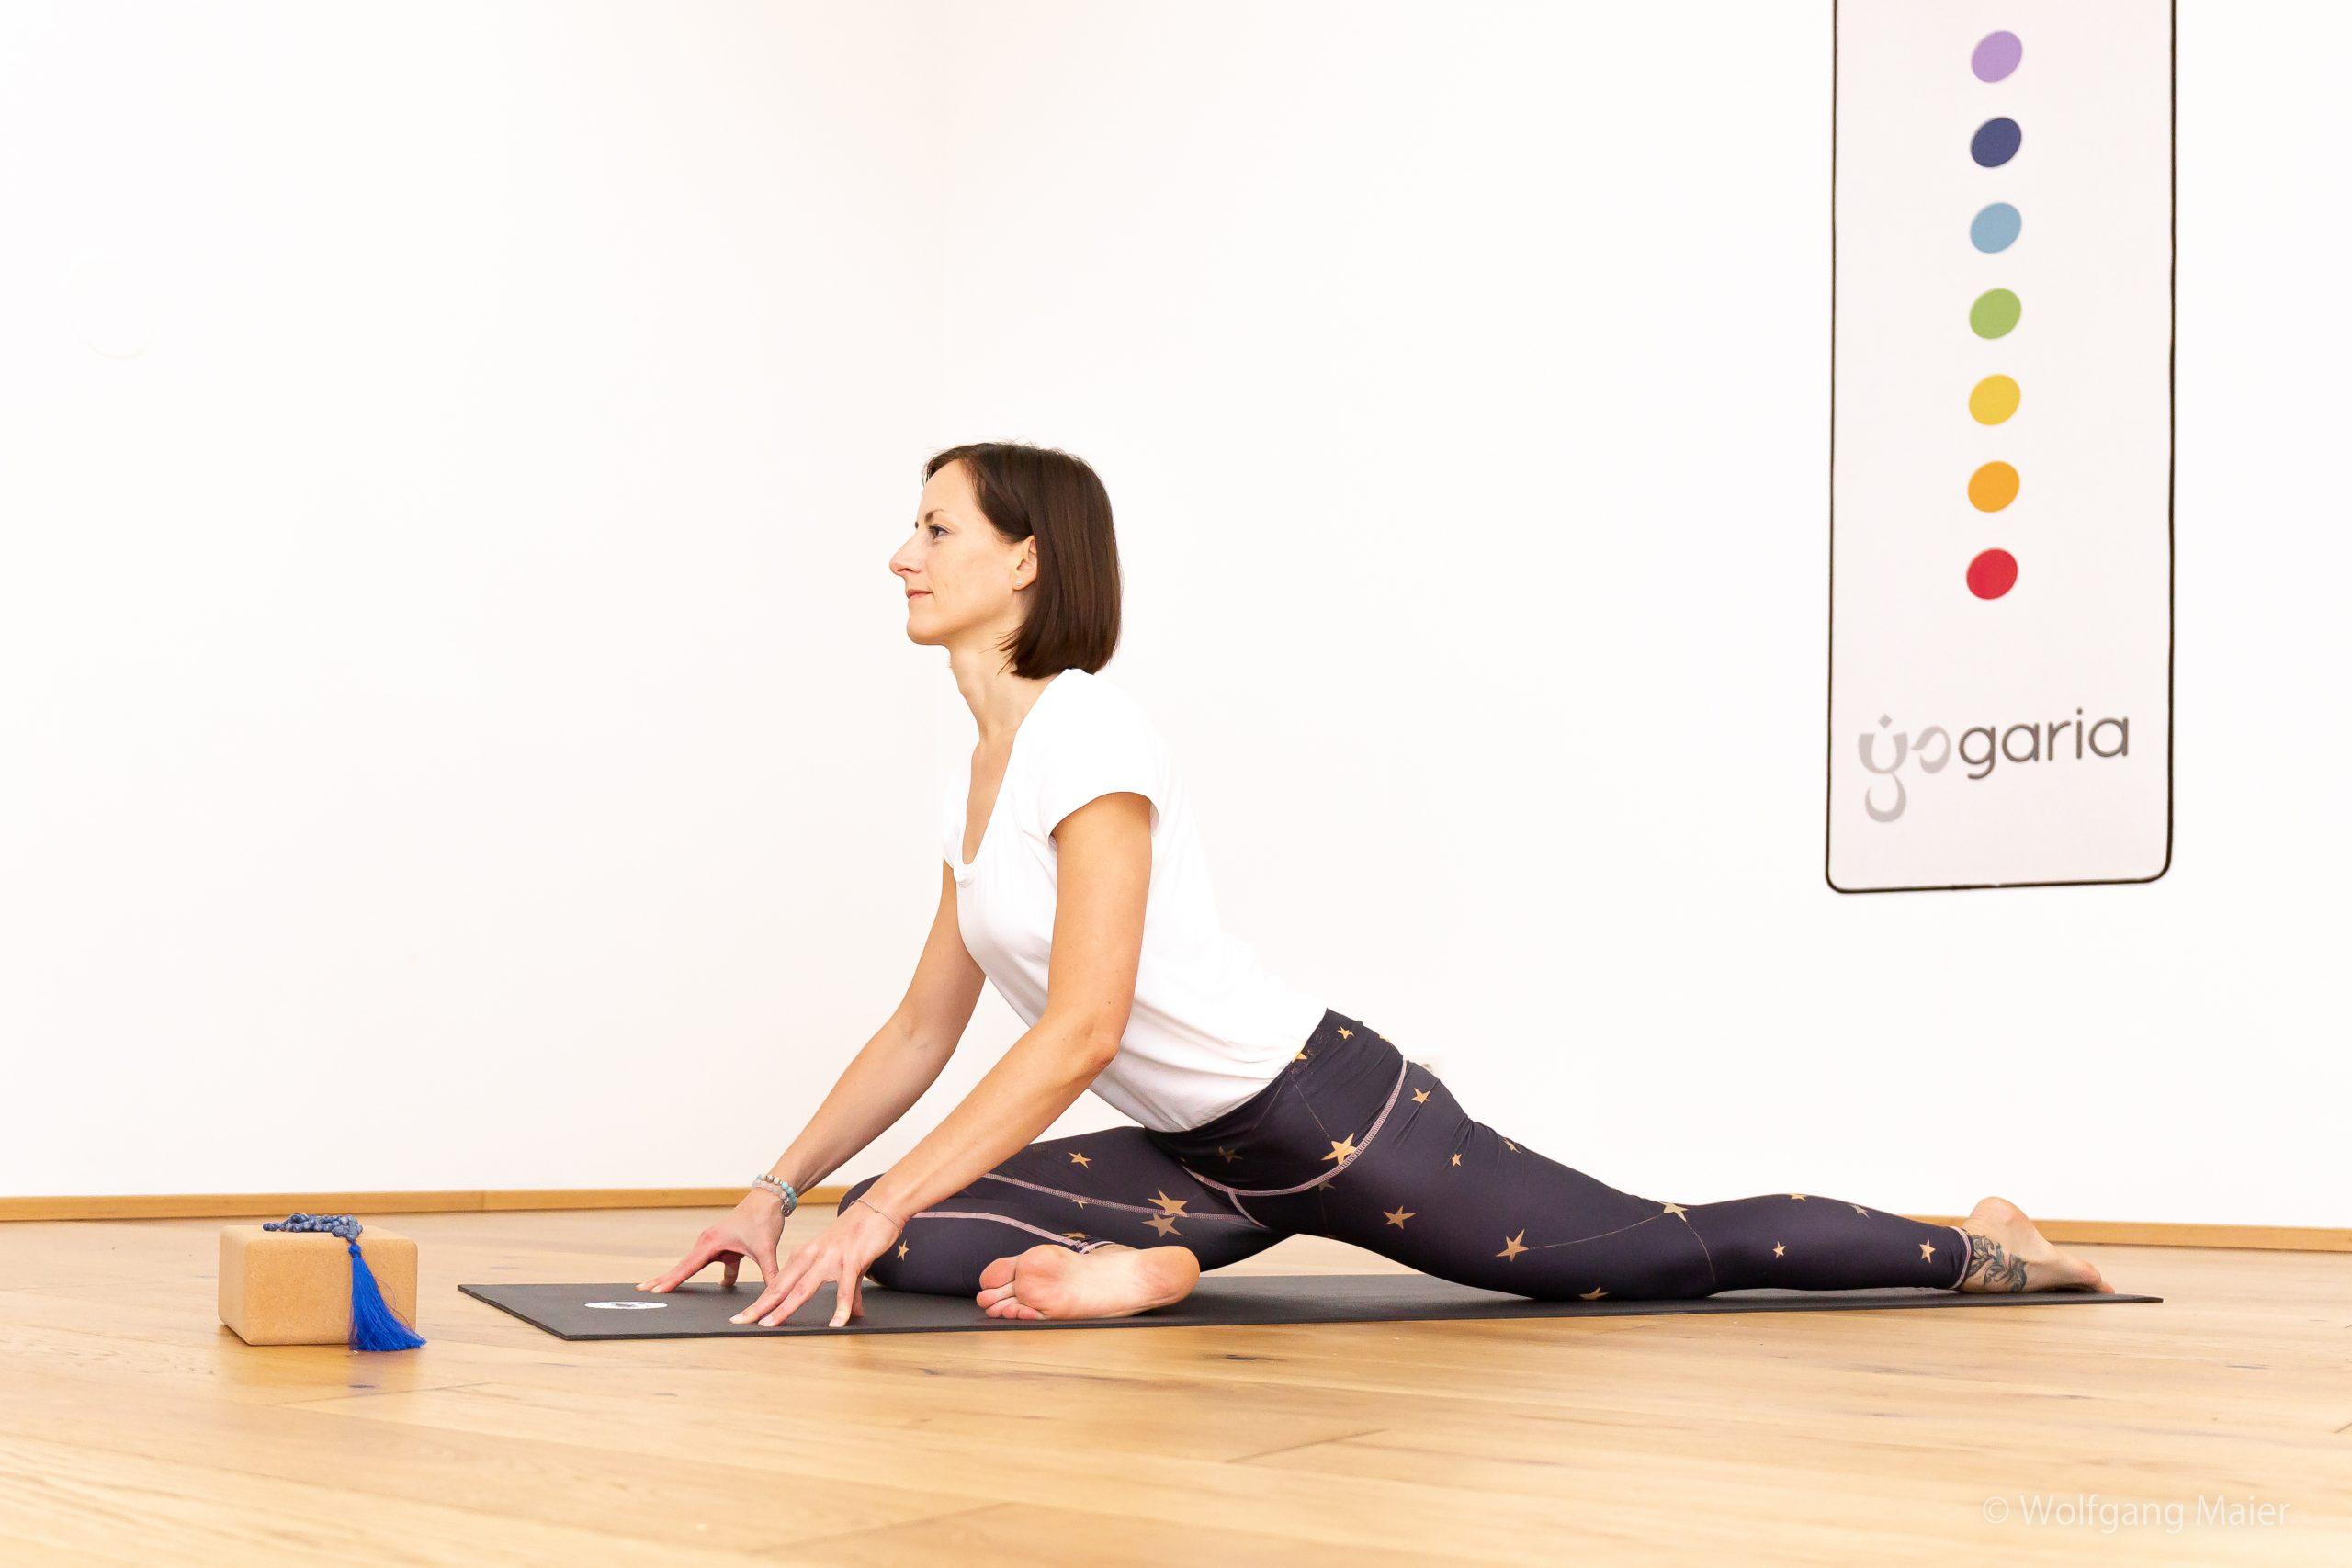 Klaudia, die Eigentümerin der Yogaria in der Position der Taube, man sieht sie von der Seite im großen Yogaraum, vor ihr steht ein Block mit einem Yogamala und im Hintergrund sieht man ein Wandbild mit dem Logo der Yogaria und den 7 Punkten der 7 Chakrafarben